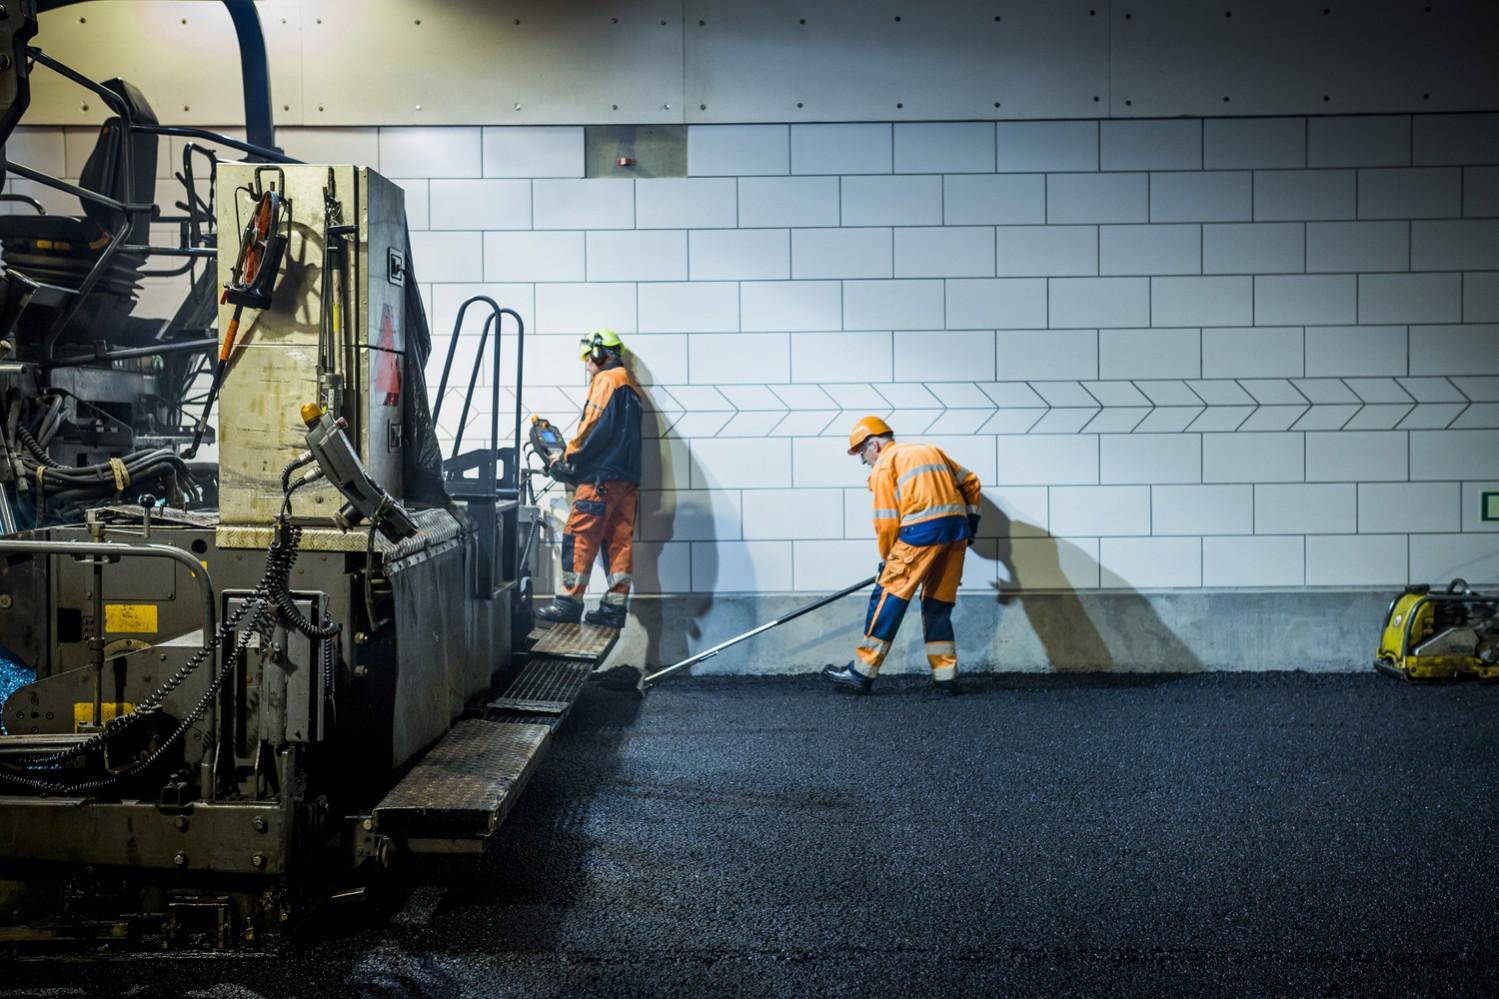 Erhvervsfotografering, byggepladsfotografering, billeder fra anlægsprojekter og byggepladser.